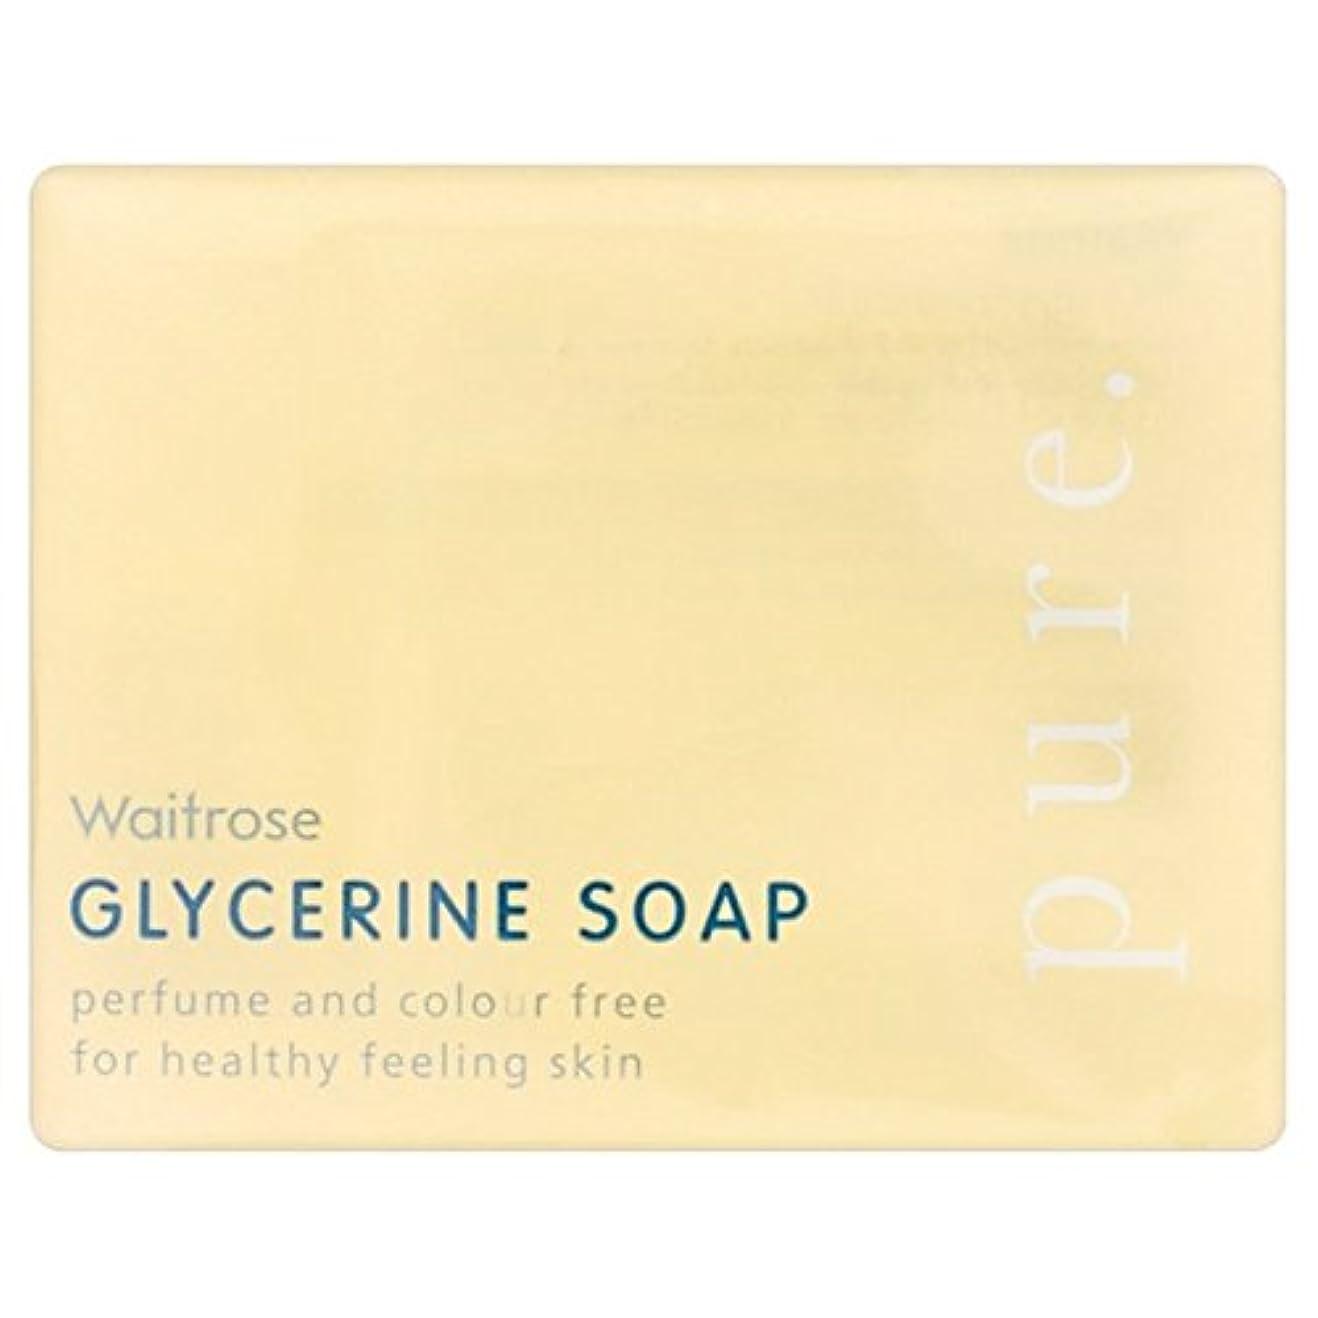 お父さんバン佐賀純粋なグリセリンソープウェイトローズの100グラム x2 - Pure Glycerine Soap Waitrose 100g (Pack of 2) [並行輸入品]